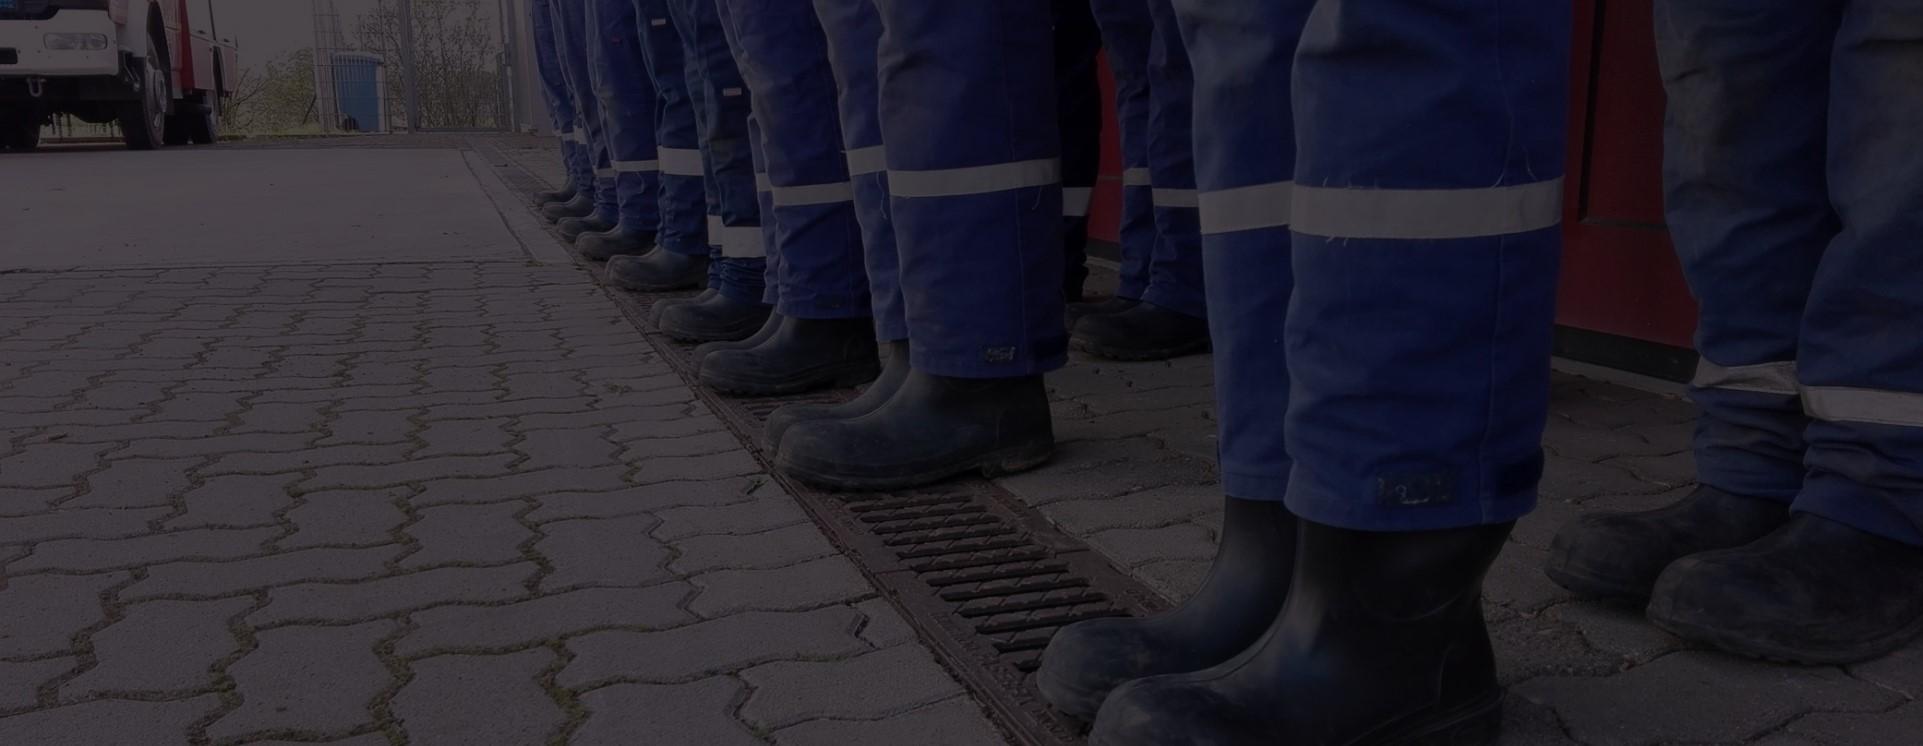 Freiwillige Feuerwehr Klein-Gerau